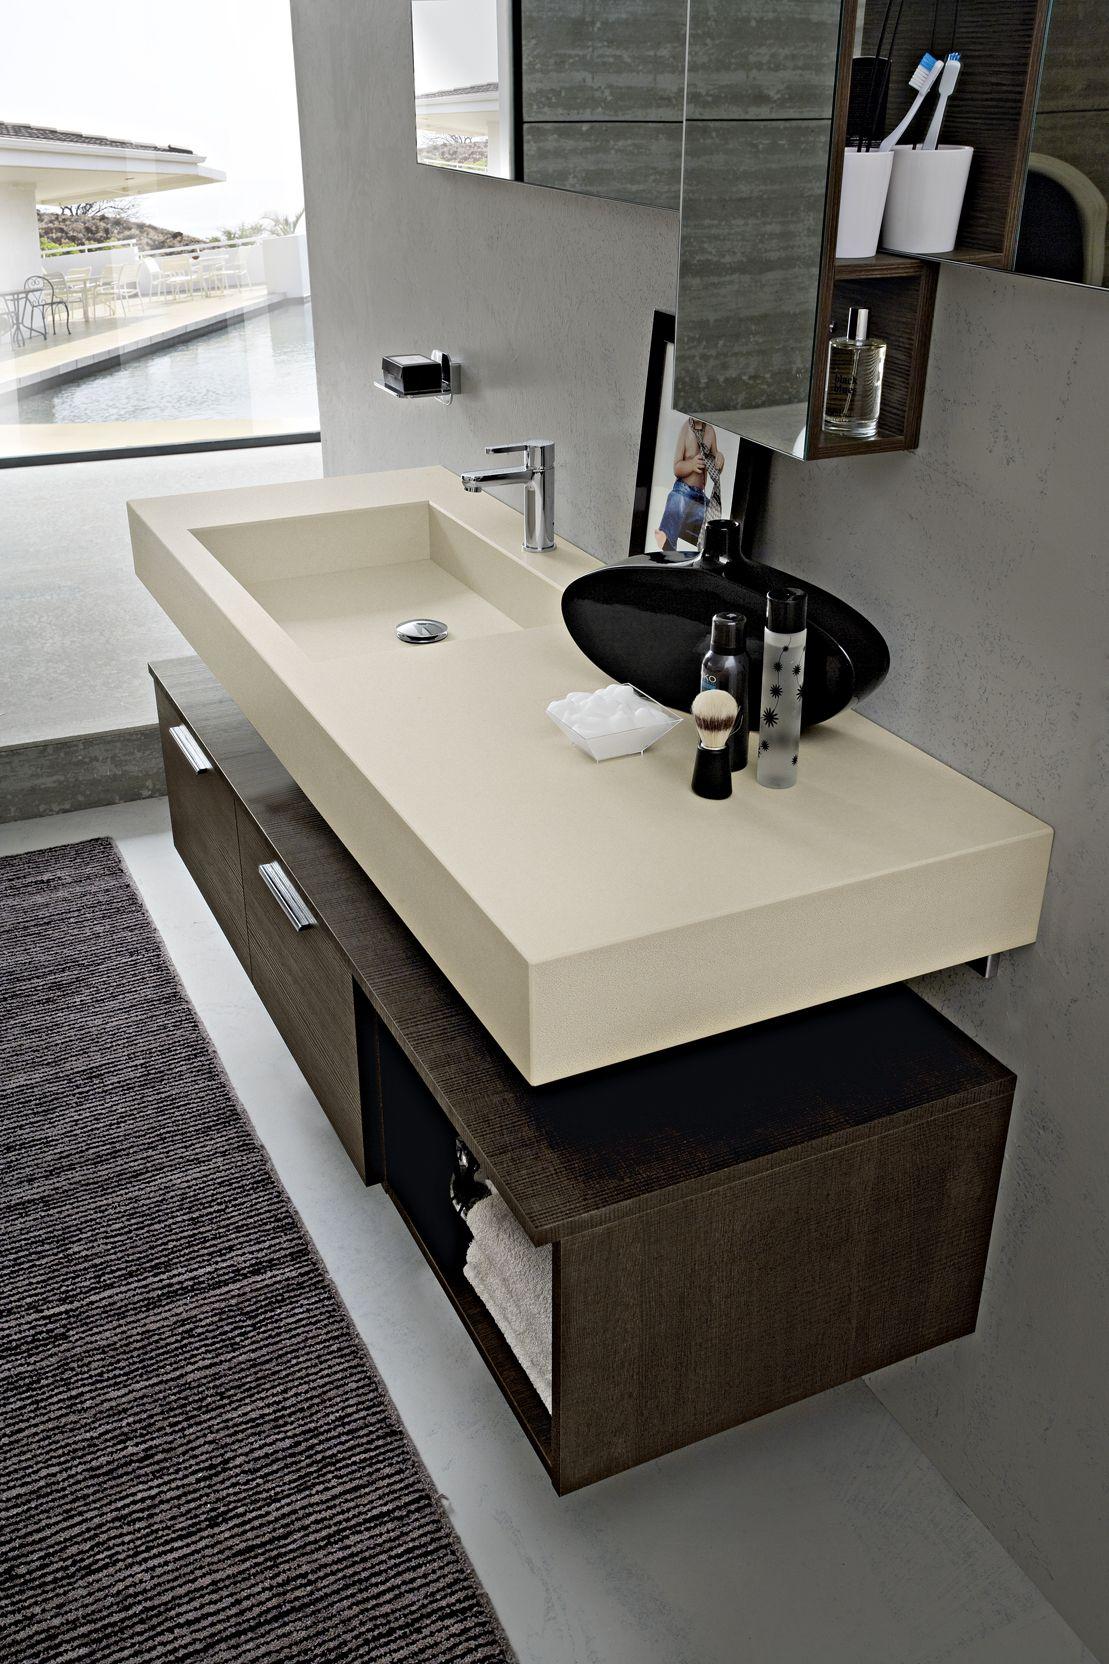 Novello Presents Its New Bathroom Furniture Collection: Bathroom Furniture, Bathroom